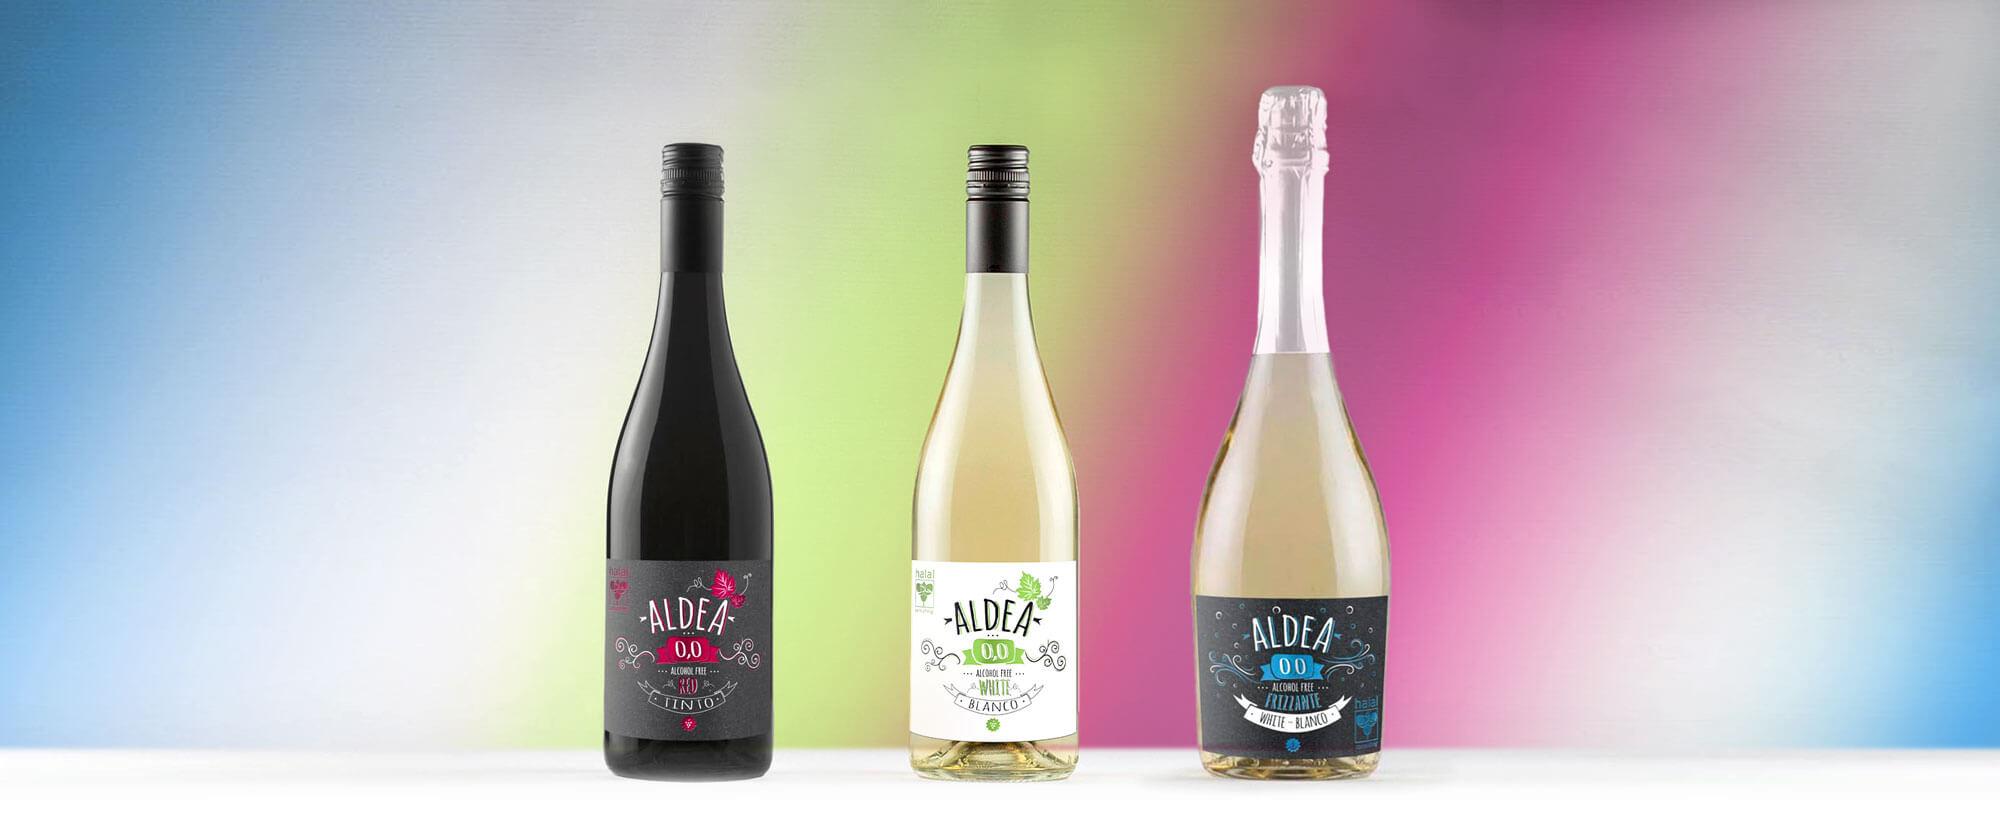 Diseño de etiquetas de los vinos Aldea 00